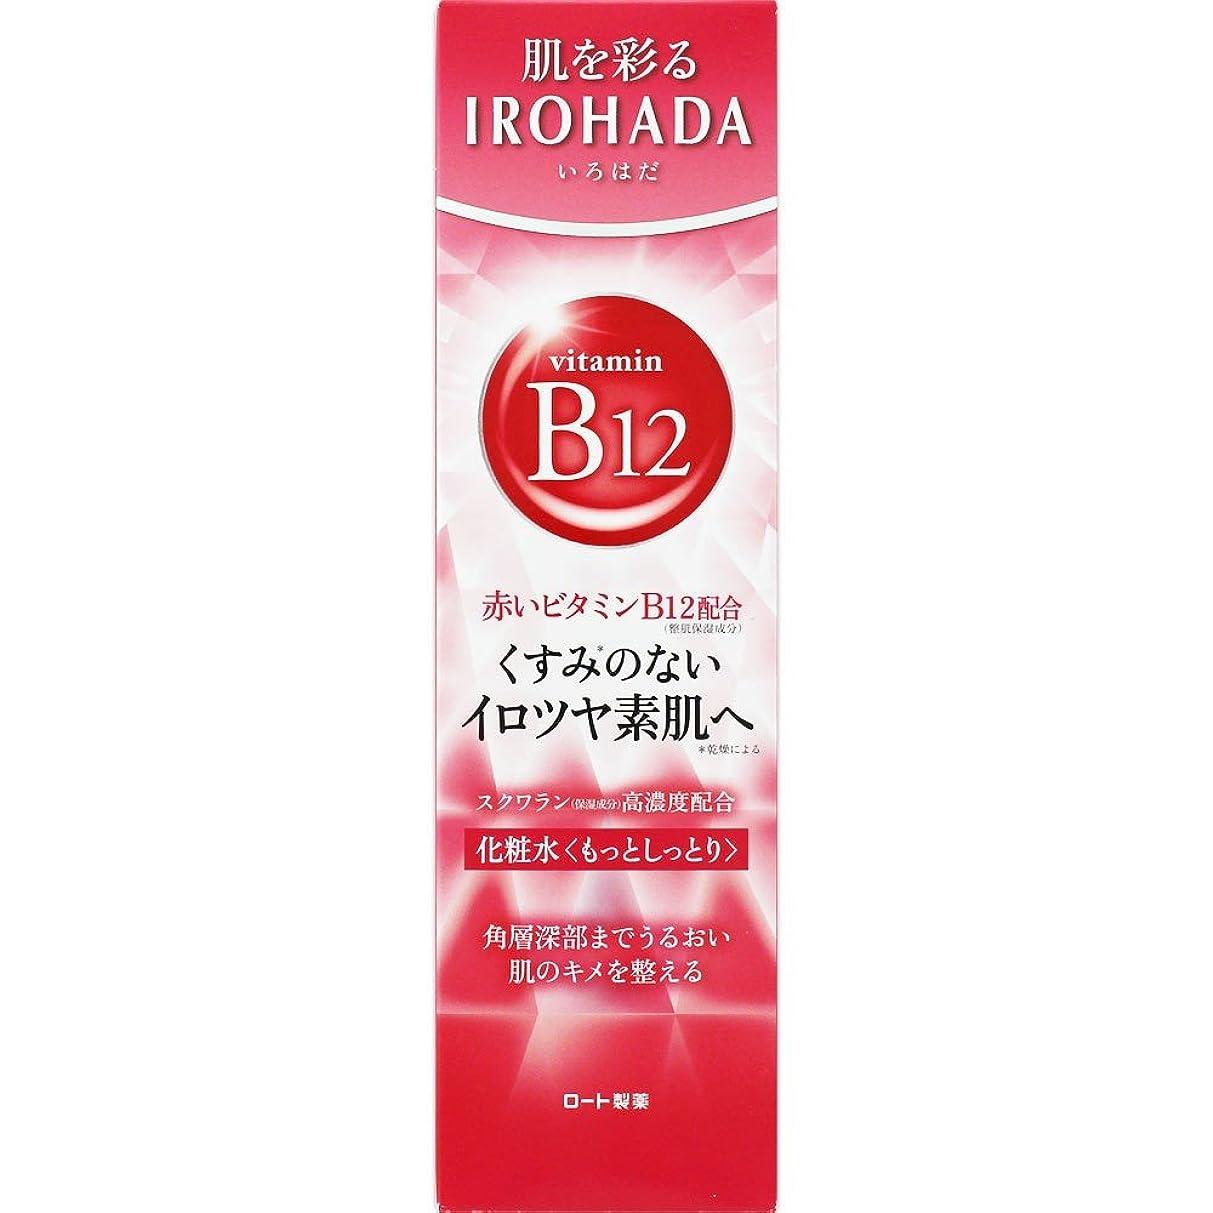 疑問を超えてカメ醸造所ロート製薬 いろはだ (IROHADA) 赤いビタミンB12×スクワラン配合 化粧水もっとしっとり 160ml